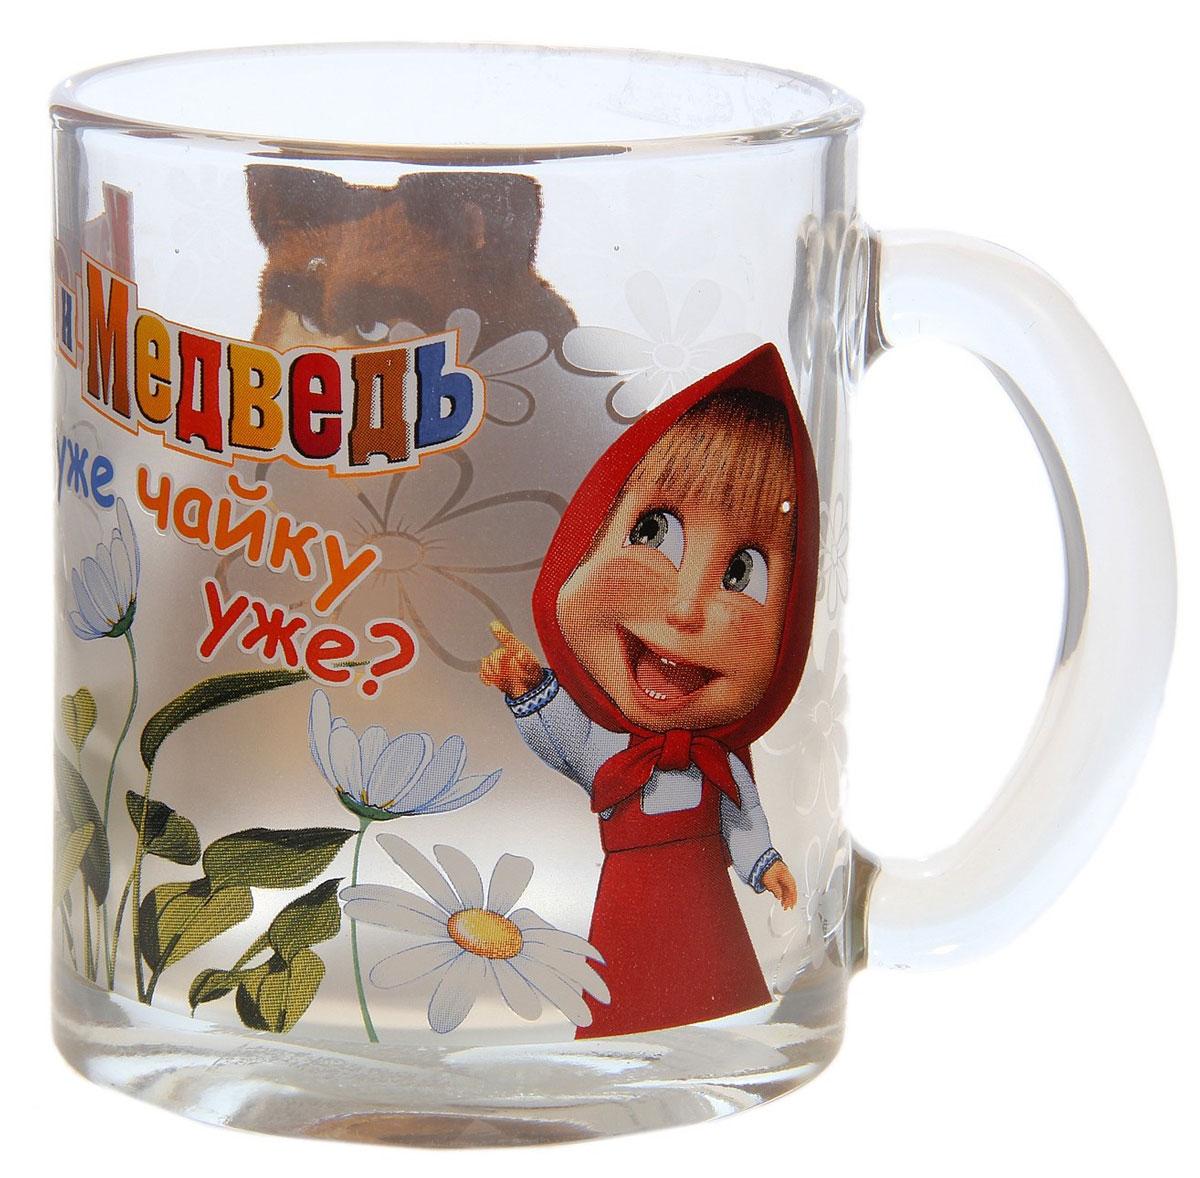 Маша и Медведь Кружка детская Весна 300 мл1208Детская кружка Маша и Медведь Весна с любимыми героями станет отличным подарком для вашего ребенка. Она выполнена из стекла и оформлена изображением героев мультсериала Маша и Медведь. Кружка дополнена удобной ручкой. Такой подарок станет не только приятным, но и практичным сувениром: кружка будет незаменимым атрибутом чаепития, а оригинальное оформление кружки добавит ярких эмоций и хорошего настроения. Можно мыть в посудомоечной машине.